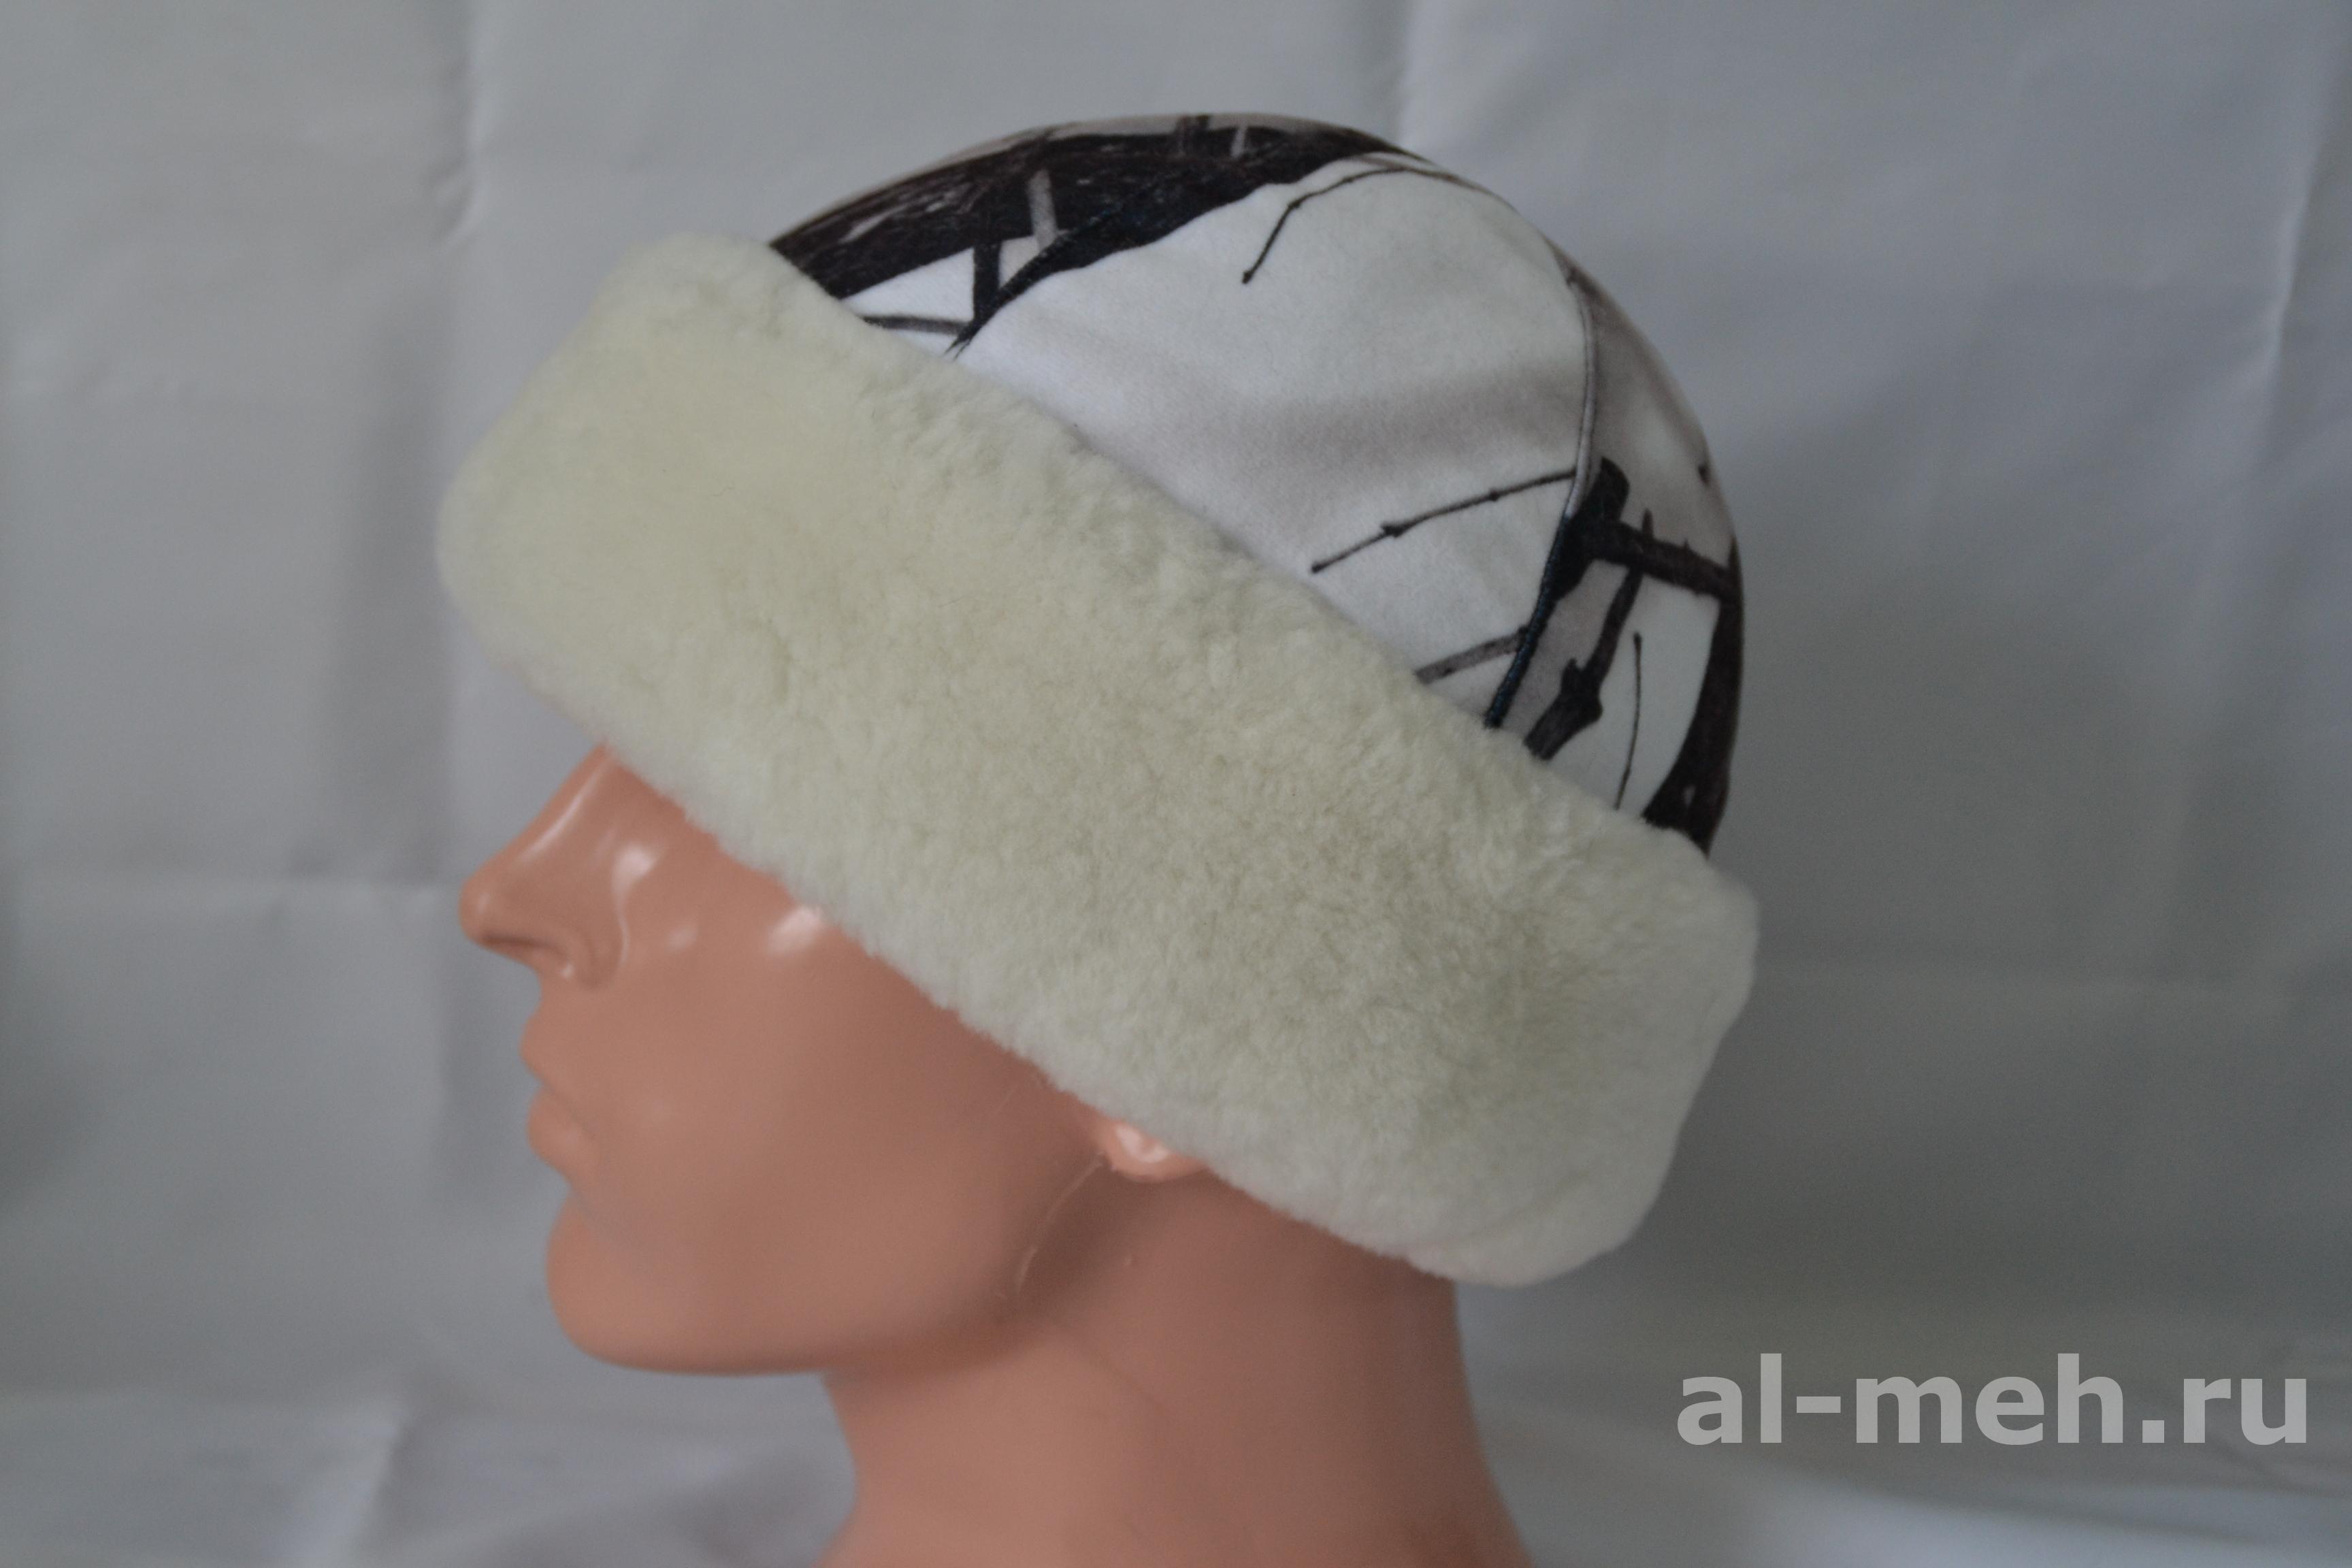 Боярка шапка своими руками 26